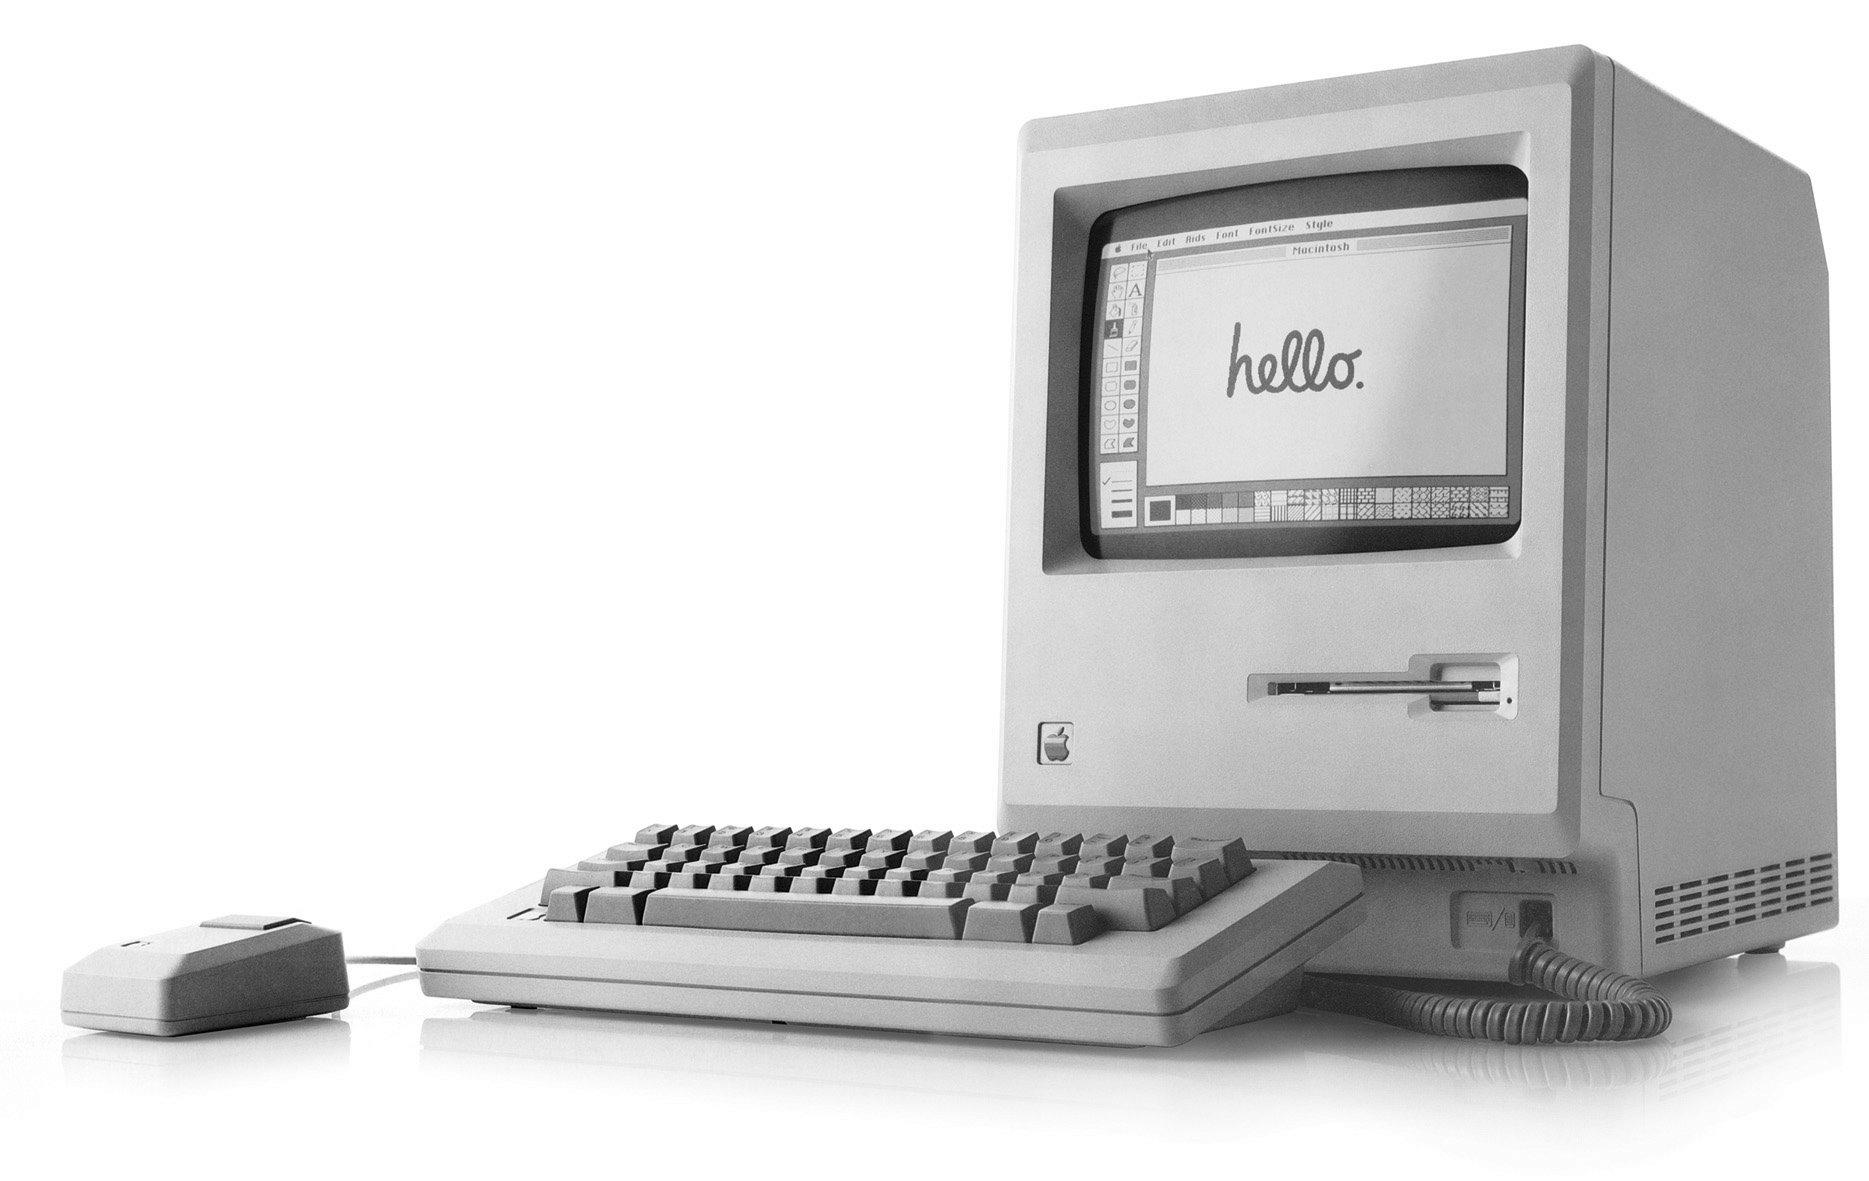 4. Apple Mac. Проект был начат в январе 1984 года Стивом Джобсом. Сегодня компьютеру Apple уже 32 го